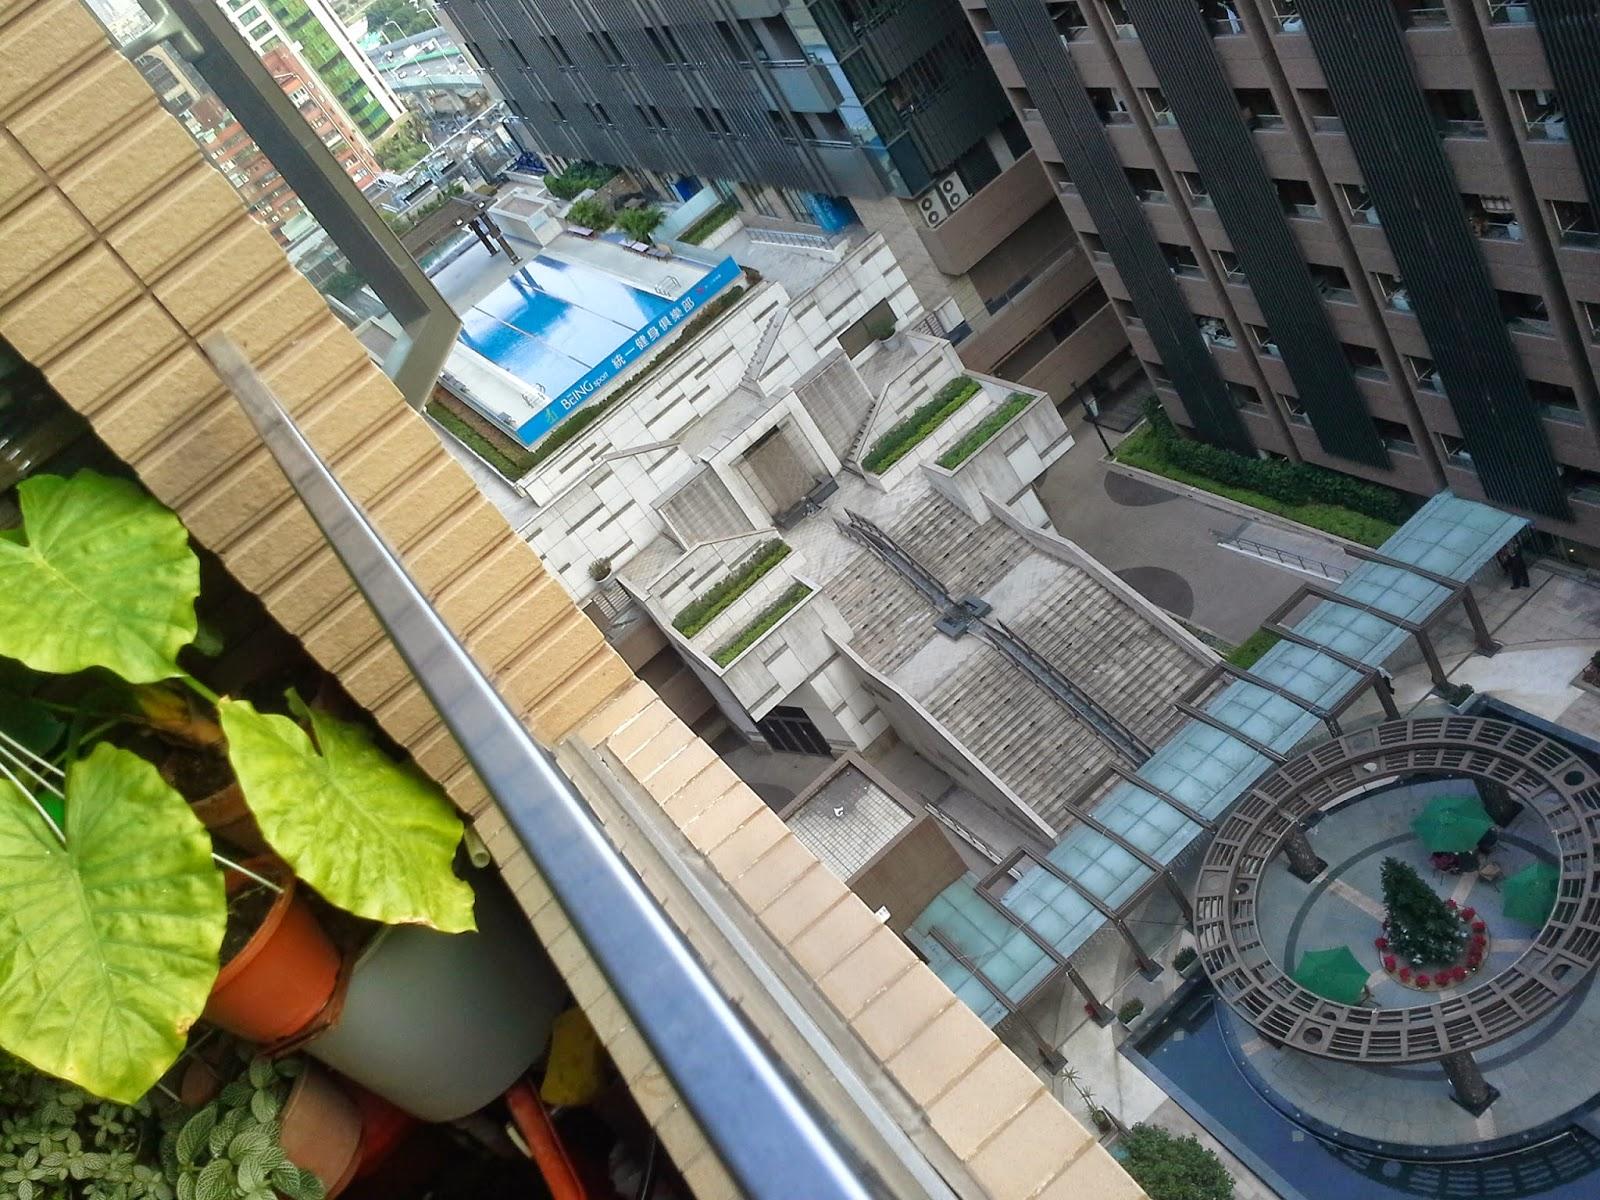 臺北火車站 京站 reach i9 hostel酒店式公寓商務套房 家庭房 團體房 : 臺北京站豪美reachi9 六人家庭房住宿